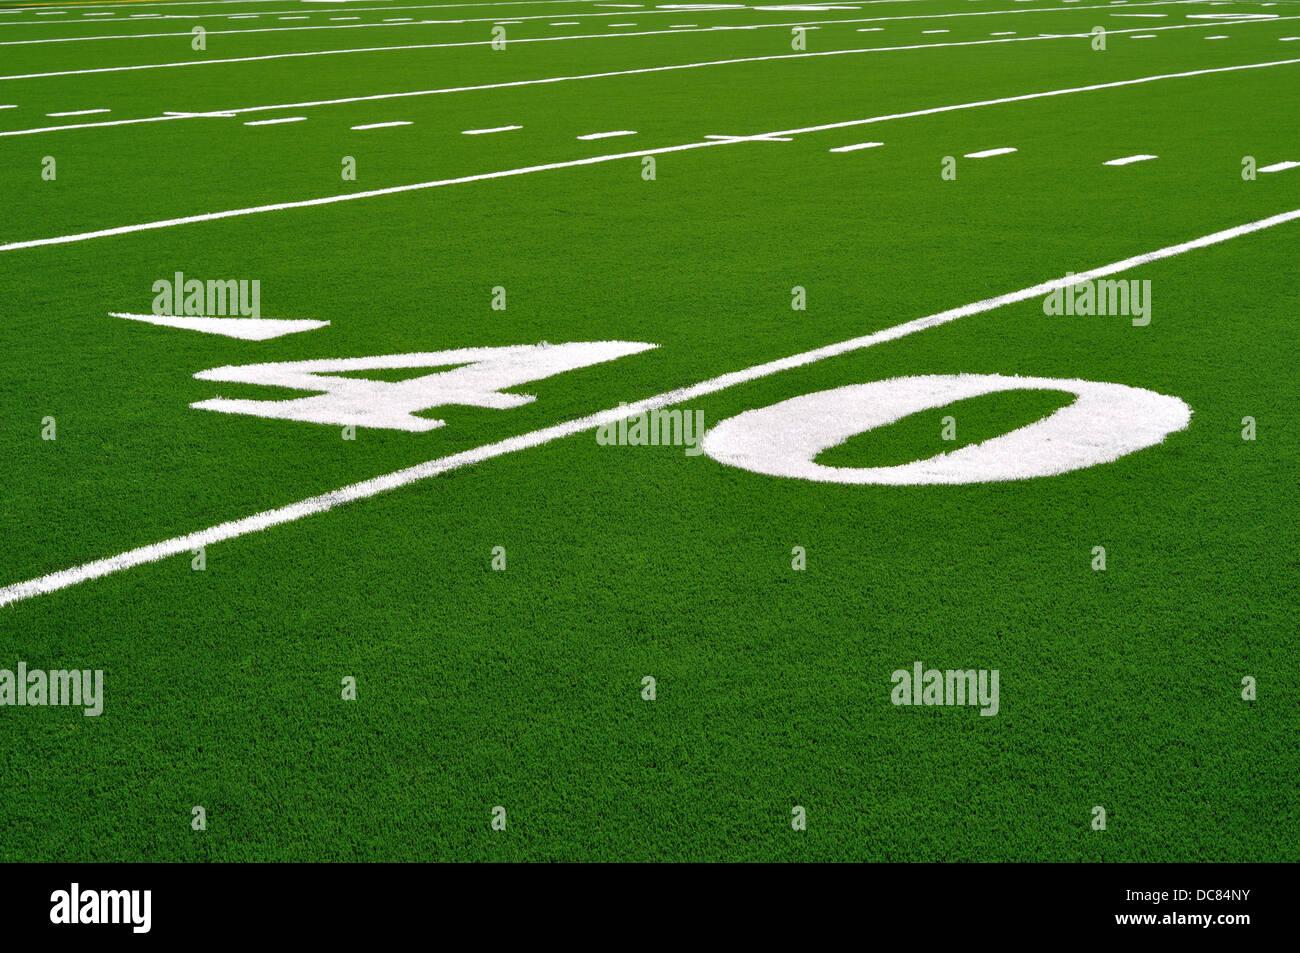 40 yard linea su un americano di campo di calcio Immagini Stock